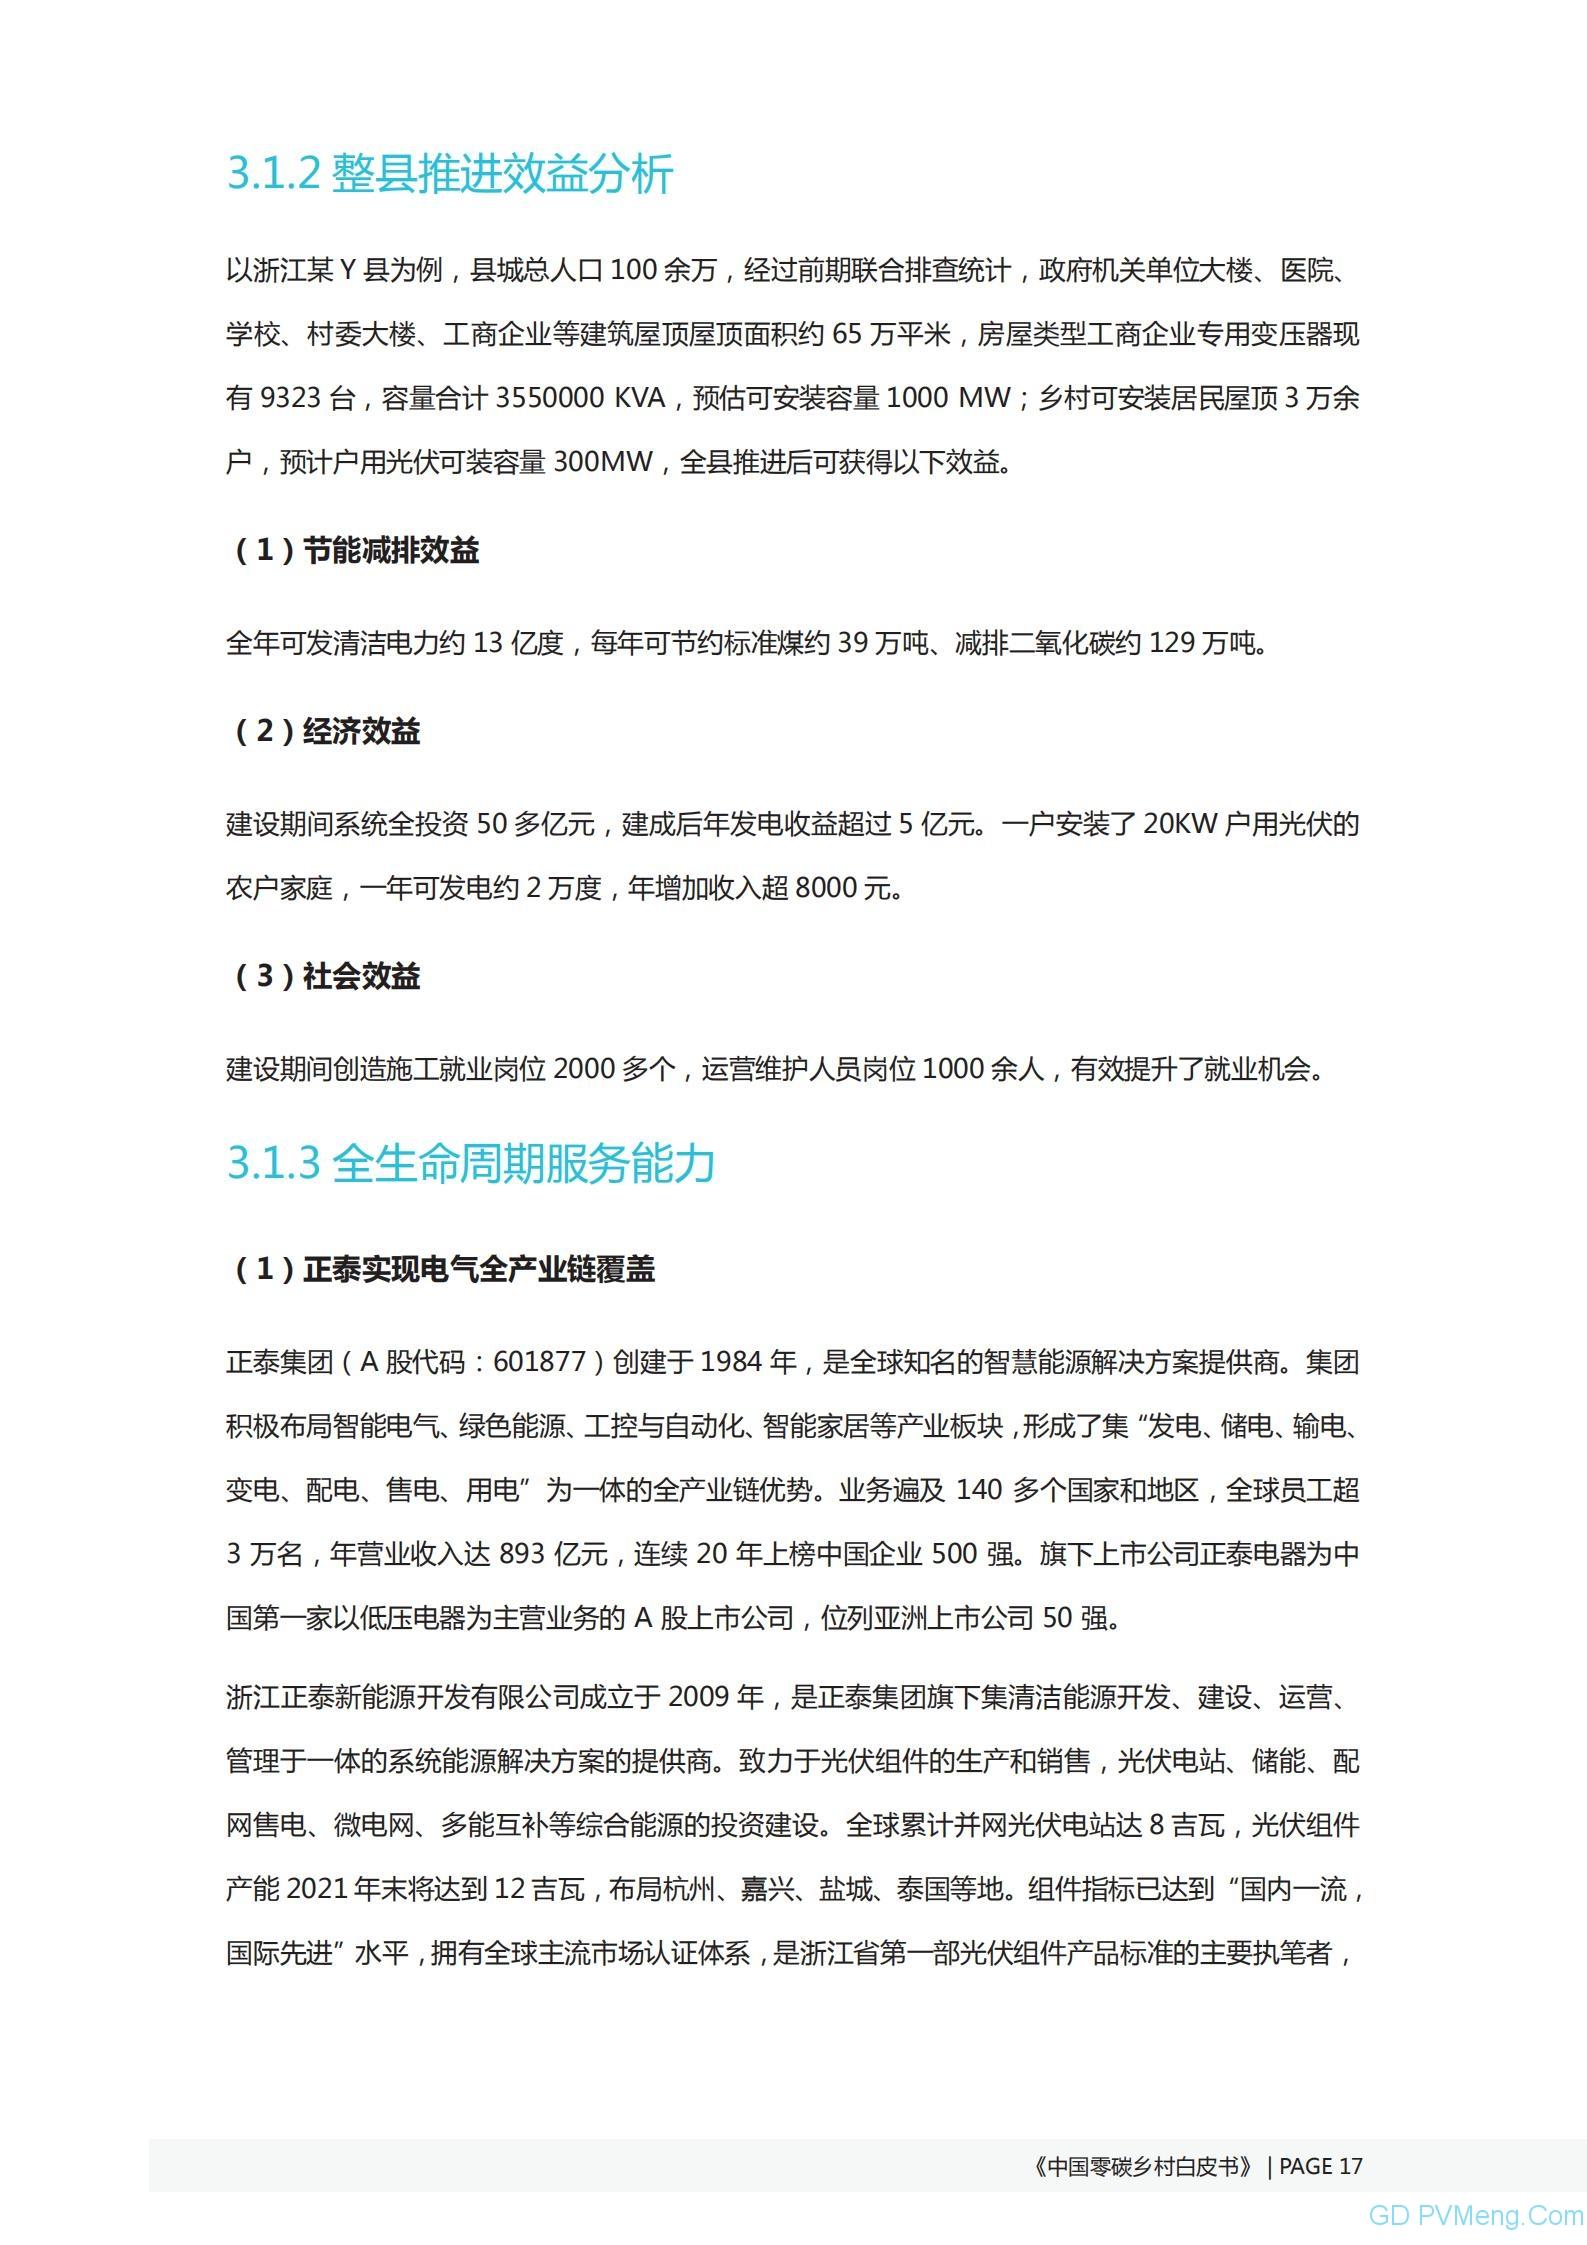 正泰:中国零碳乡村白皮书(整县推进综合解决方案)20210711